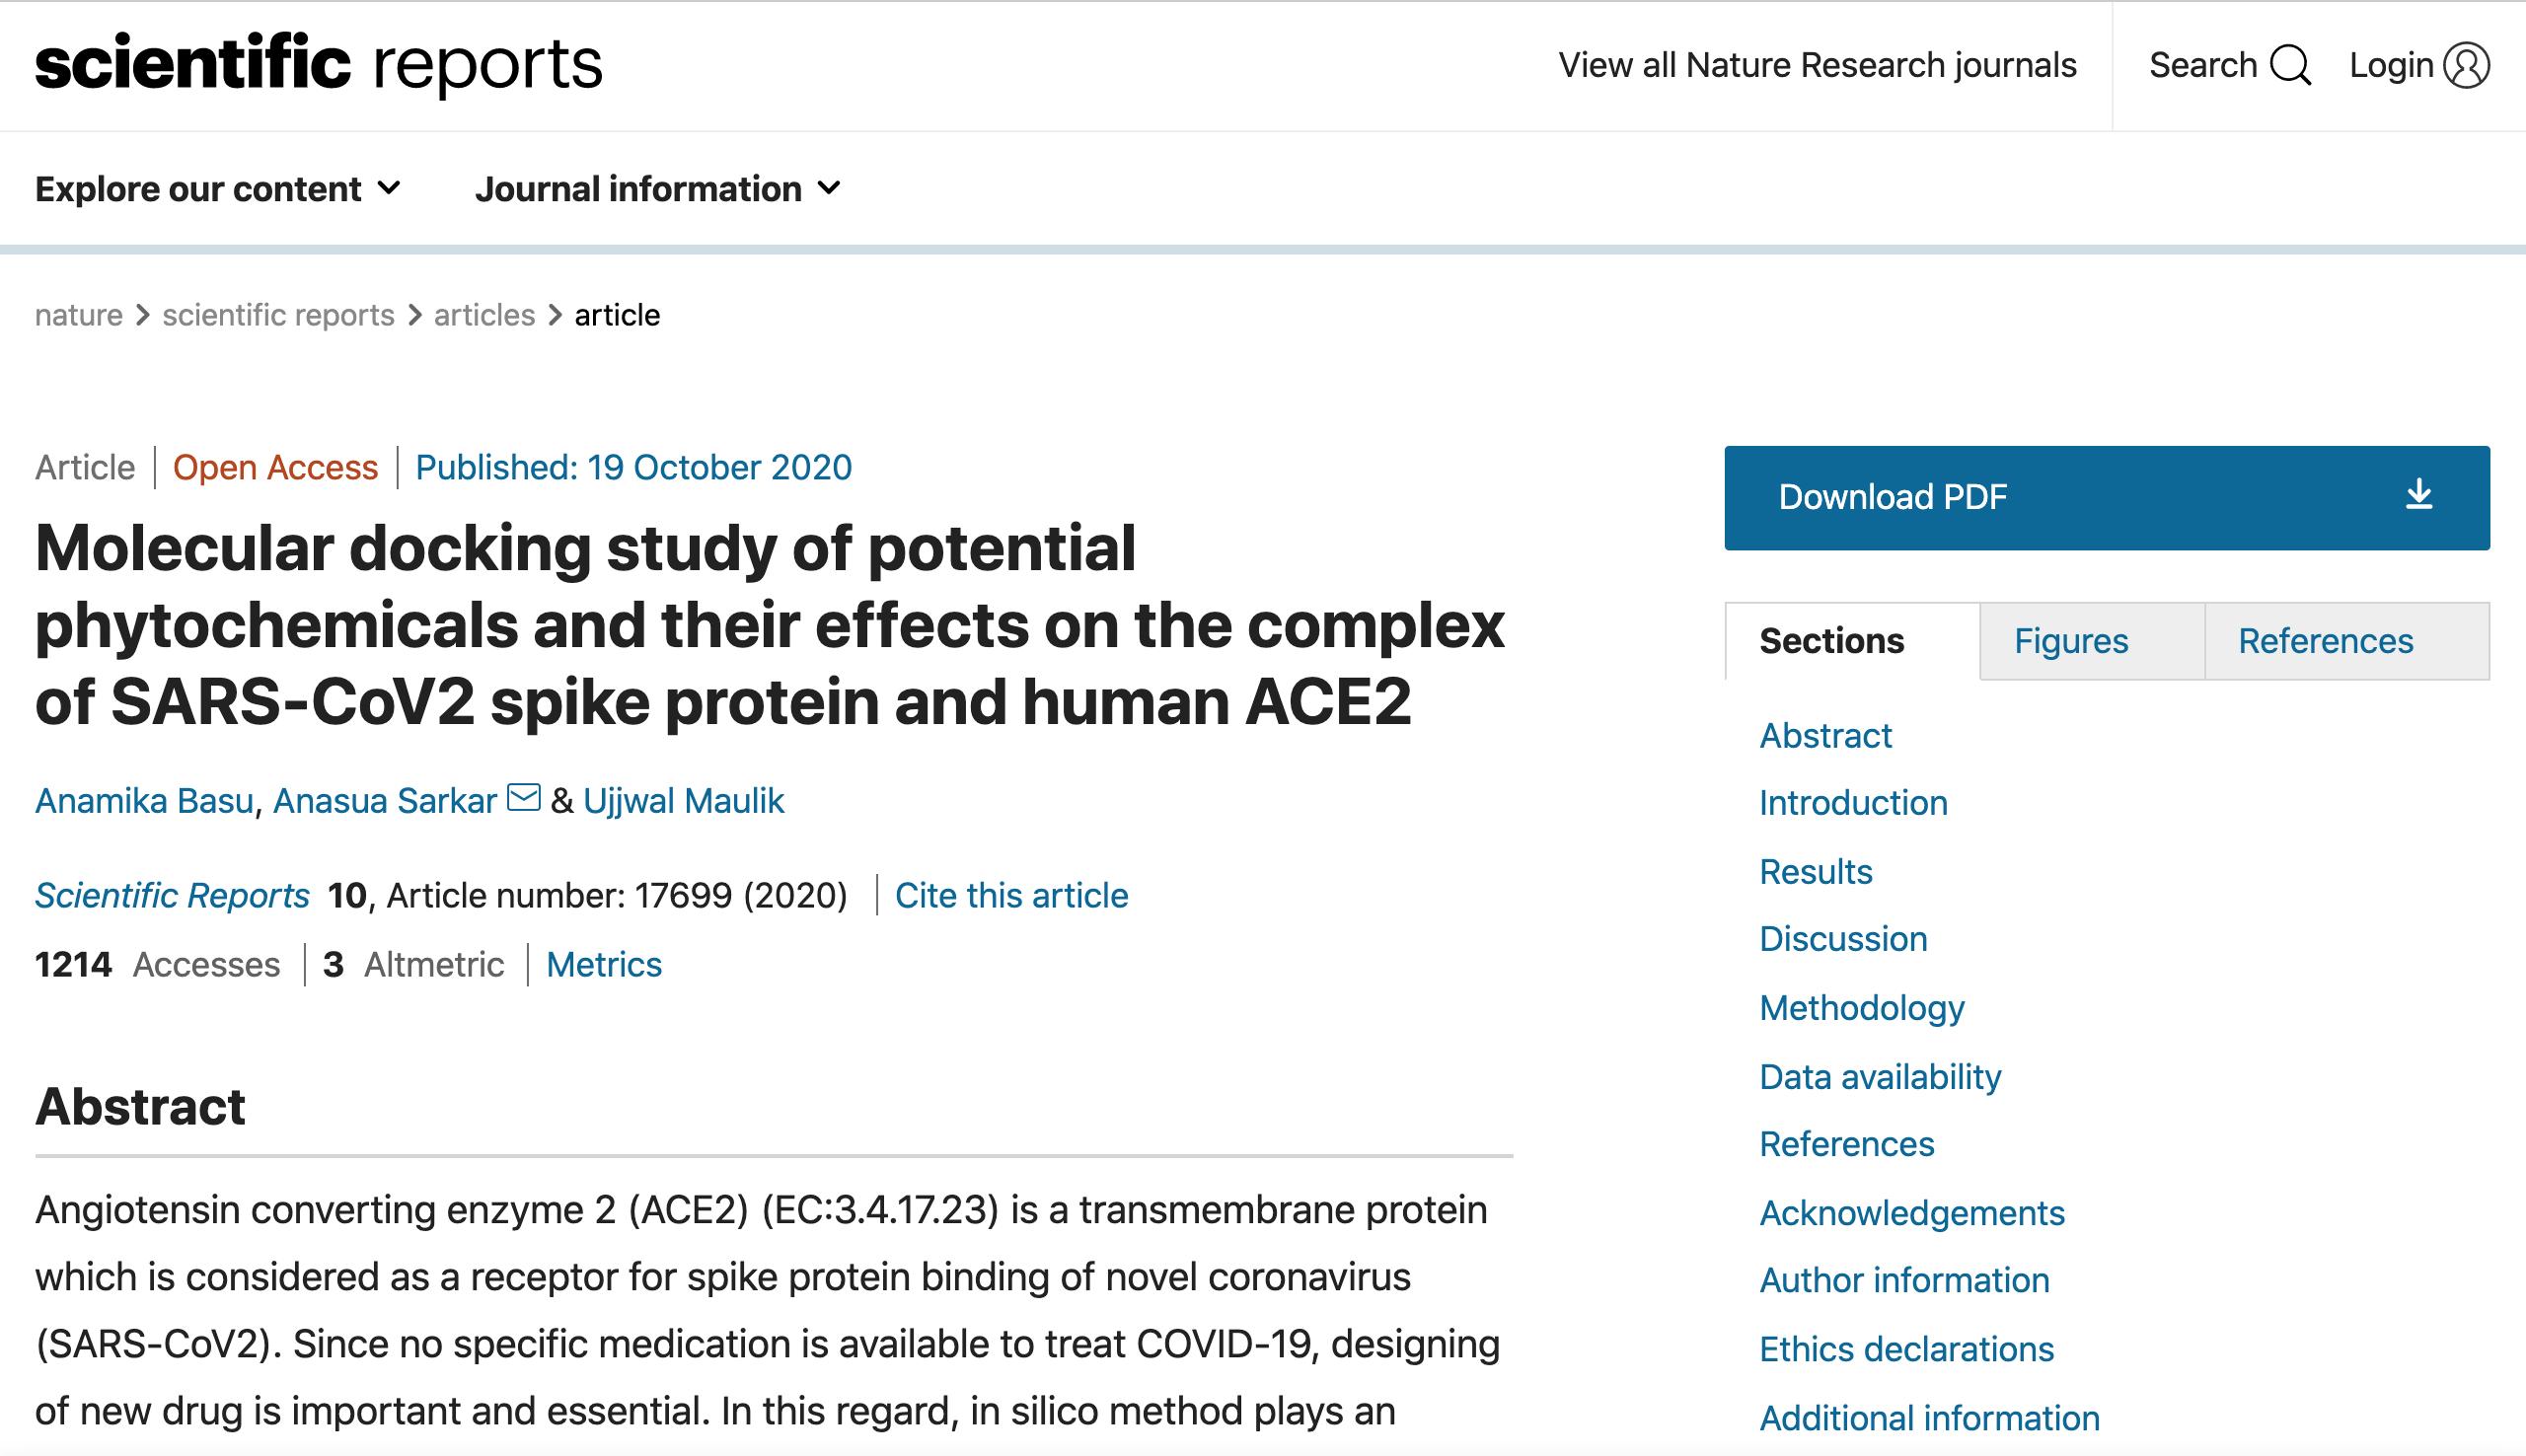 infografica: studio del docking molecolare di potenziali sostanze fitochimiche e dei loro effetti sul complesso della proteina spike SARS-CoV2 e dell'ACE2 umano